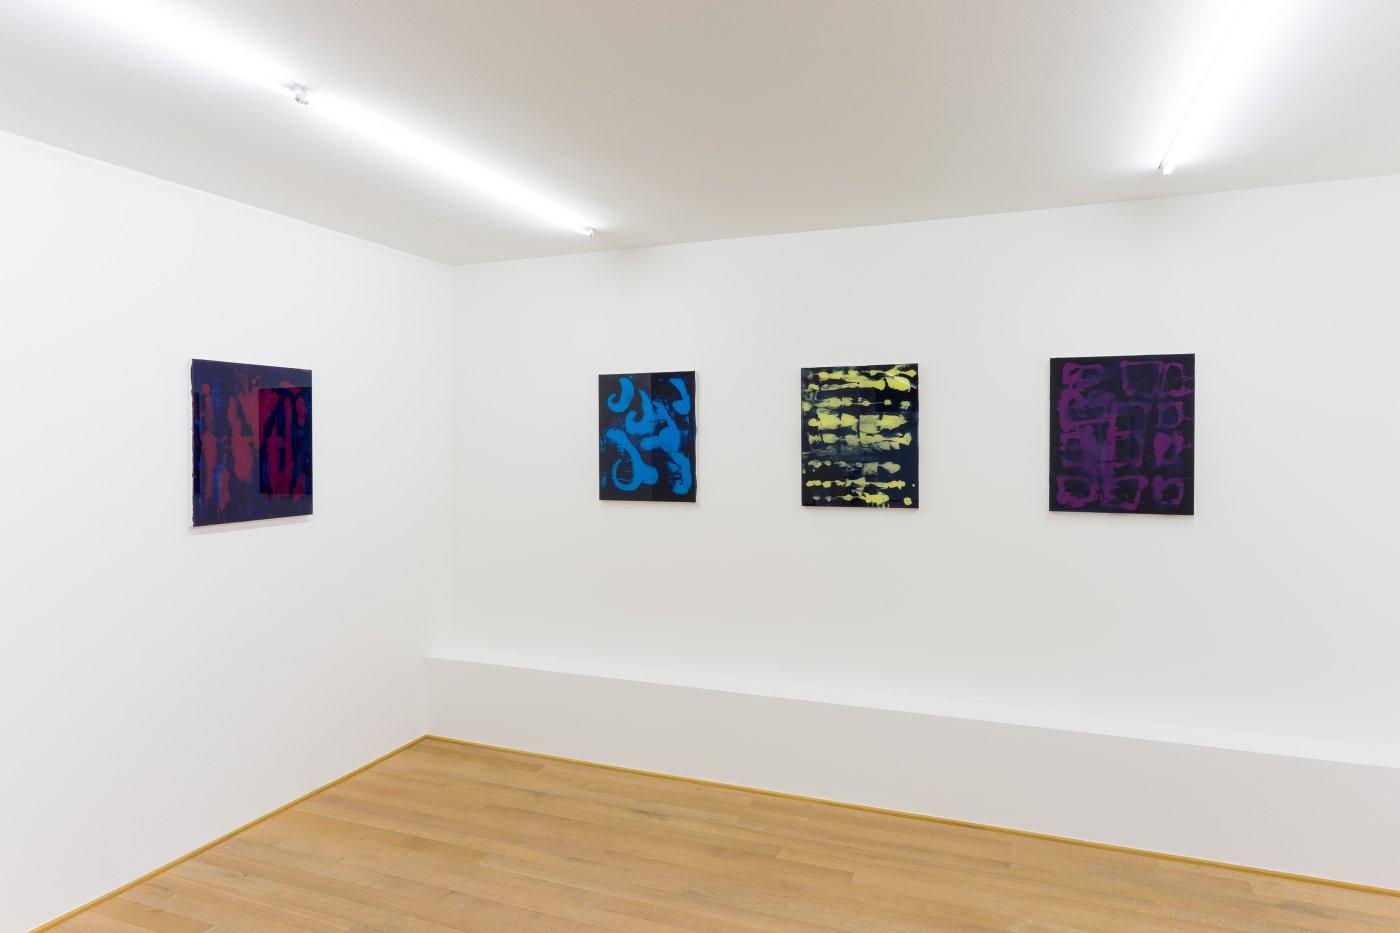 Mai 36 Galerie Ernst Caramelle Jorge Mendez Blake Christoph Rutimann 4